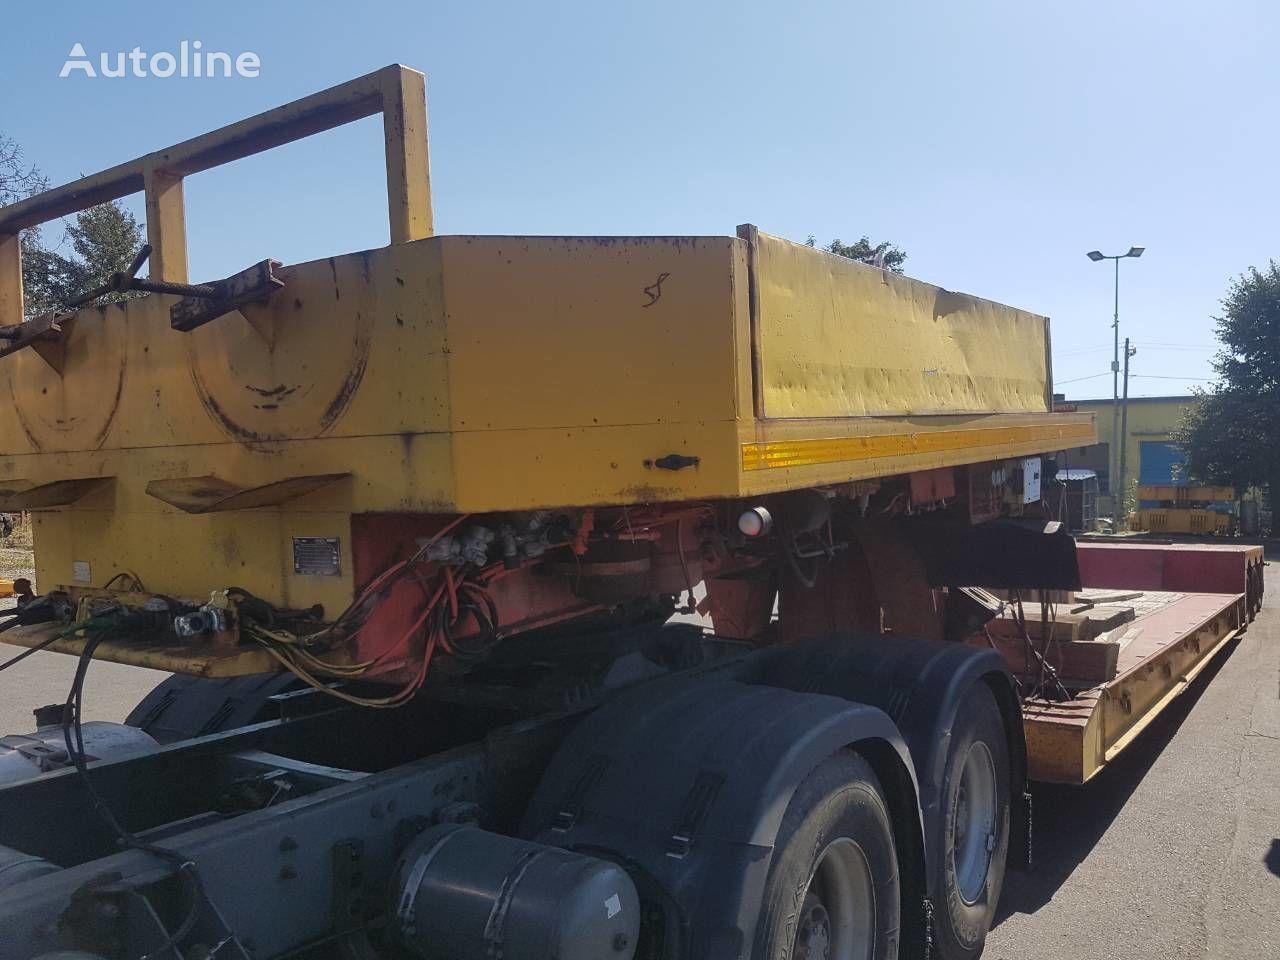 BROSHUIS 3AVV-48, saf-gigant,vys. 0.5m., dl. 17.5 m. platform semi-trailer